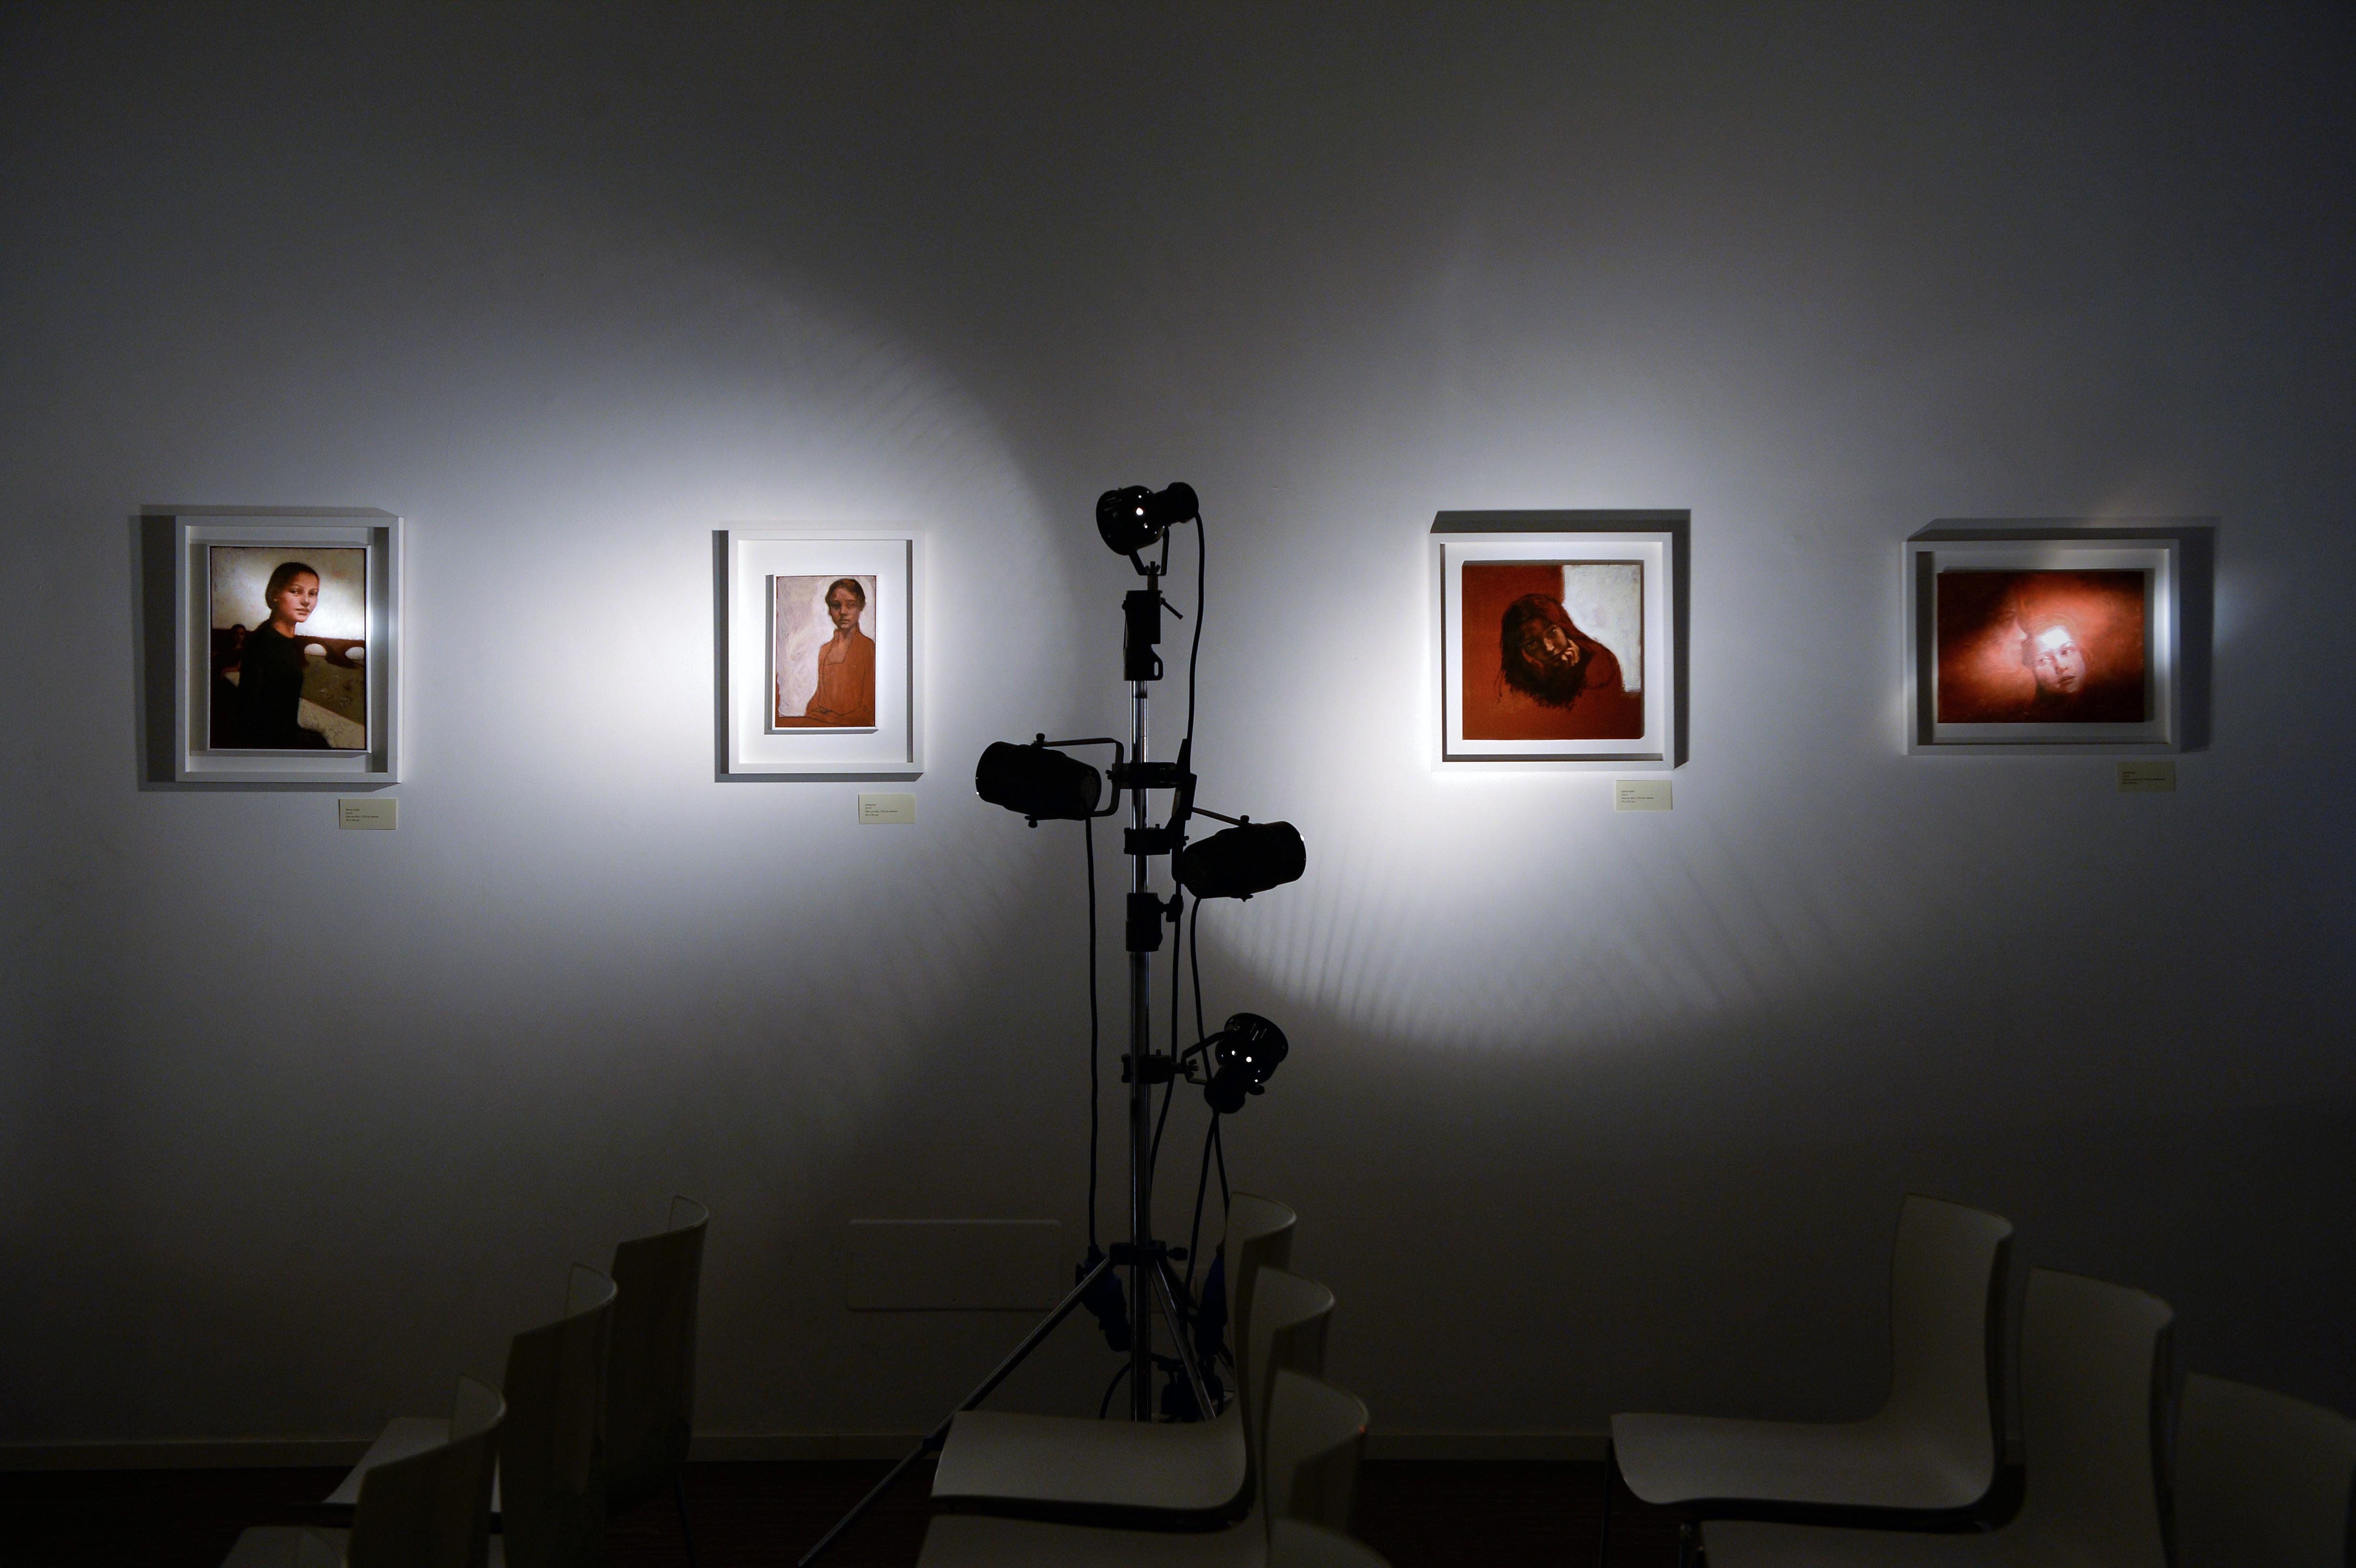 Lucianell Cafagna, Palazzo Merulana, RvB Arts